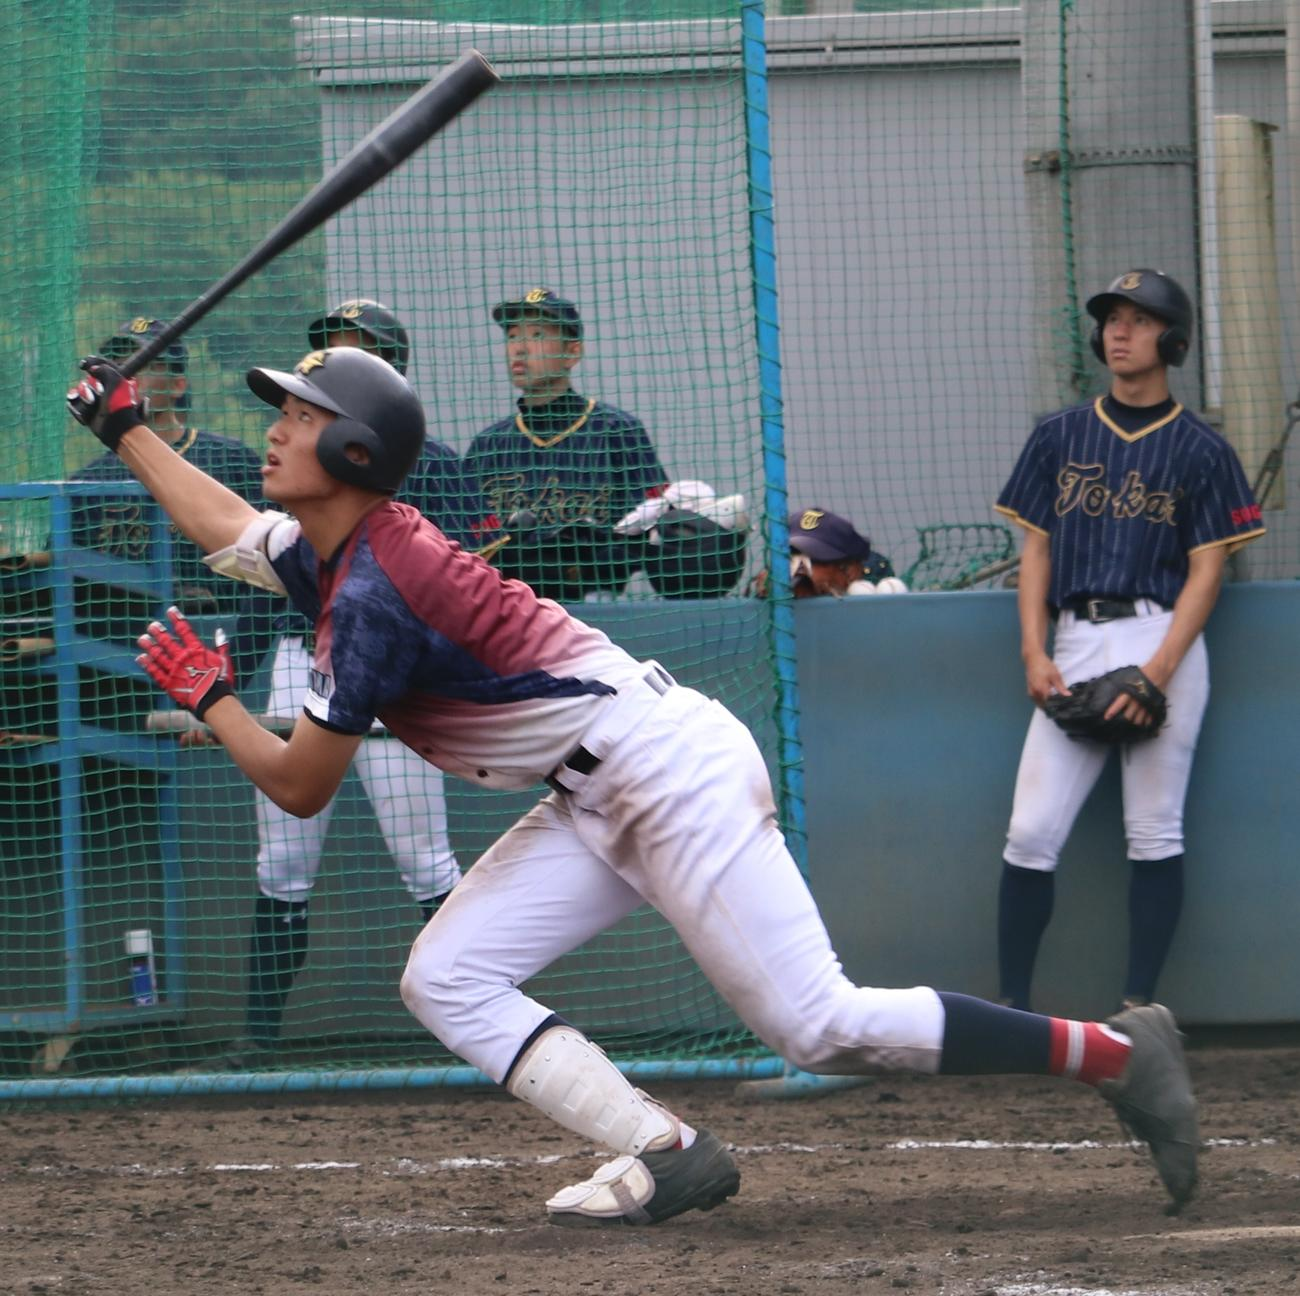 聖望学園・蔵田亮太郎(20年6月20日撮影)